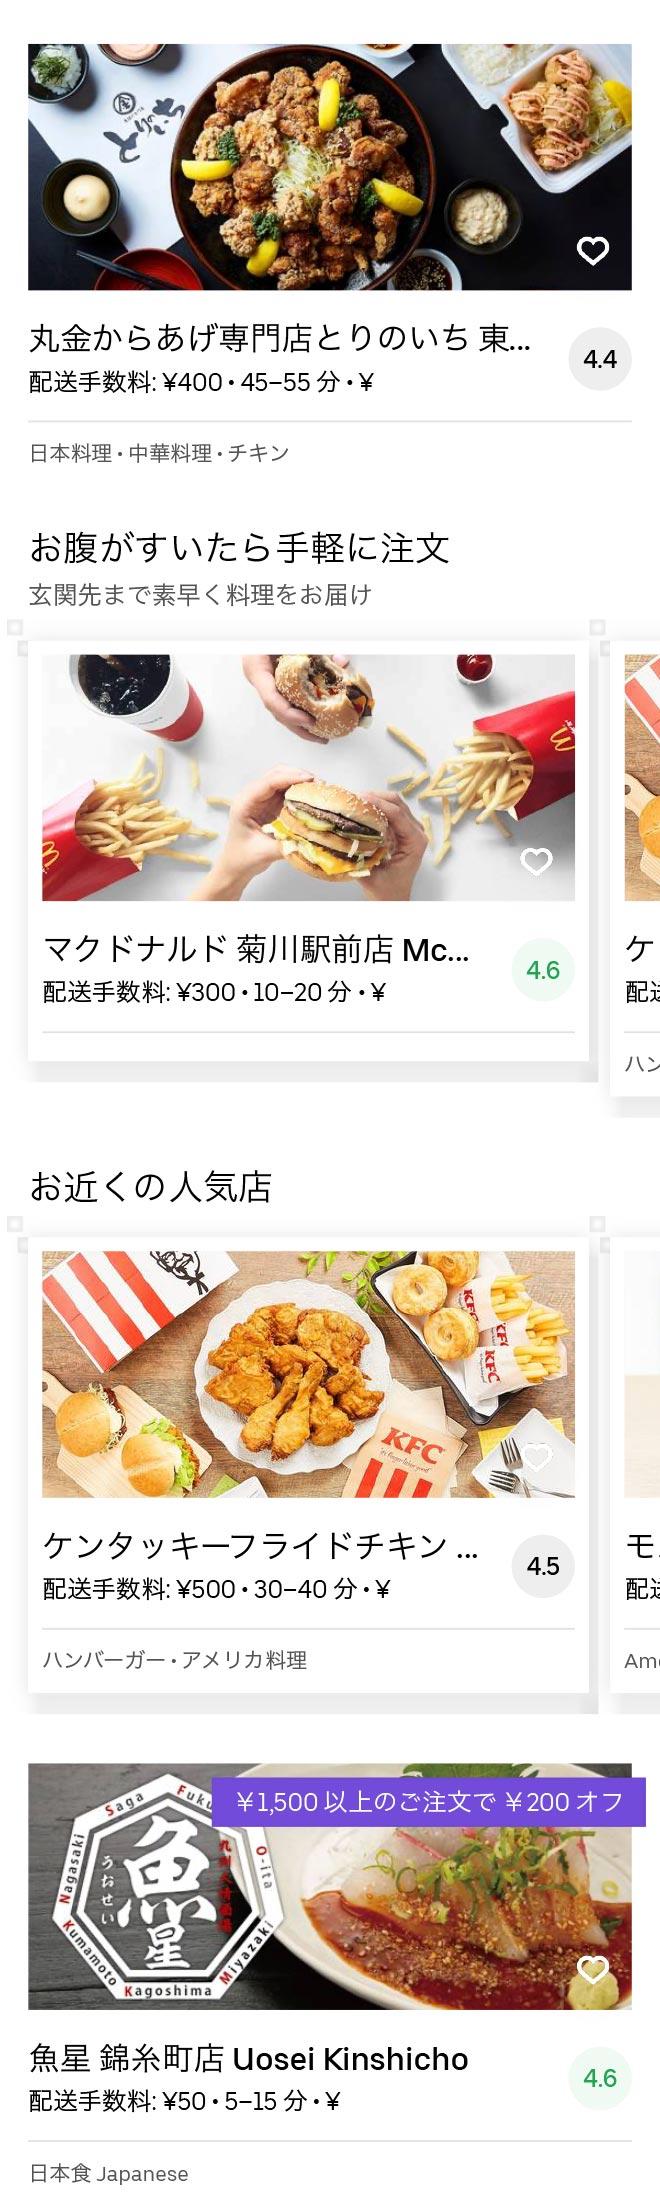 Tokyo kinshicho menu 2005 02